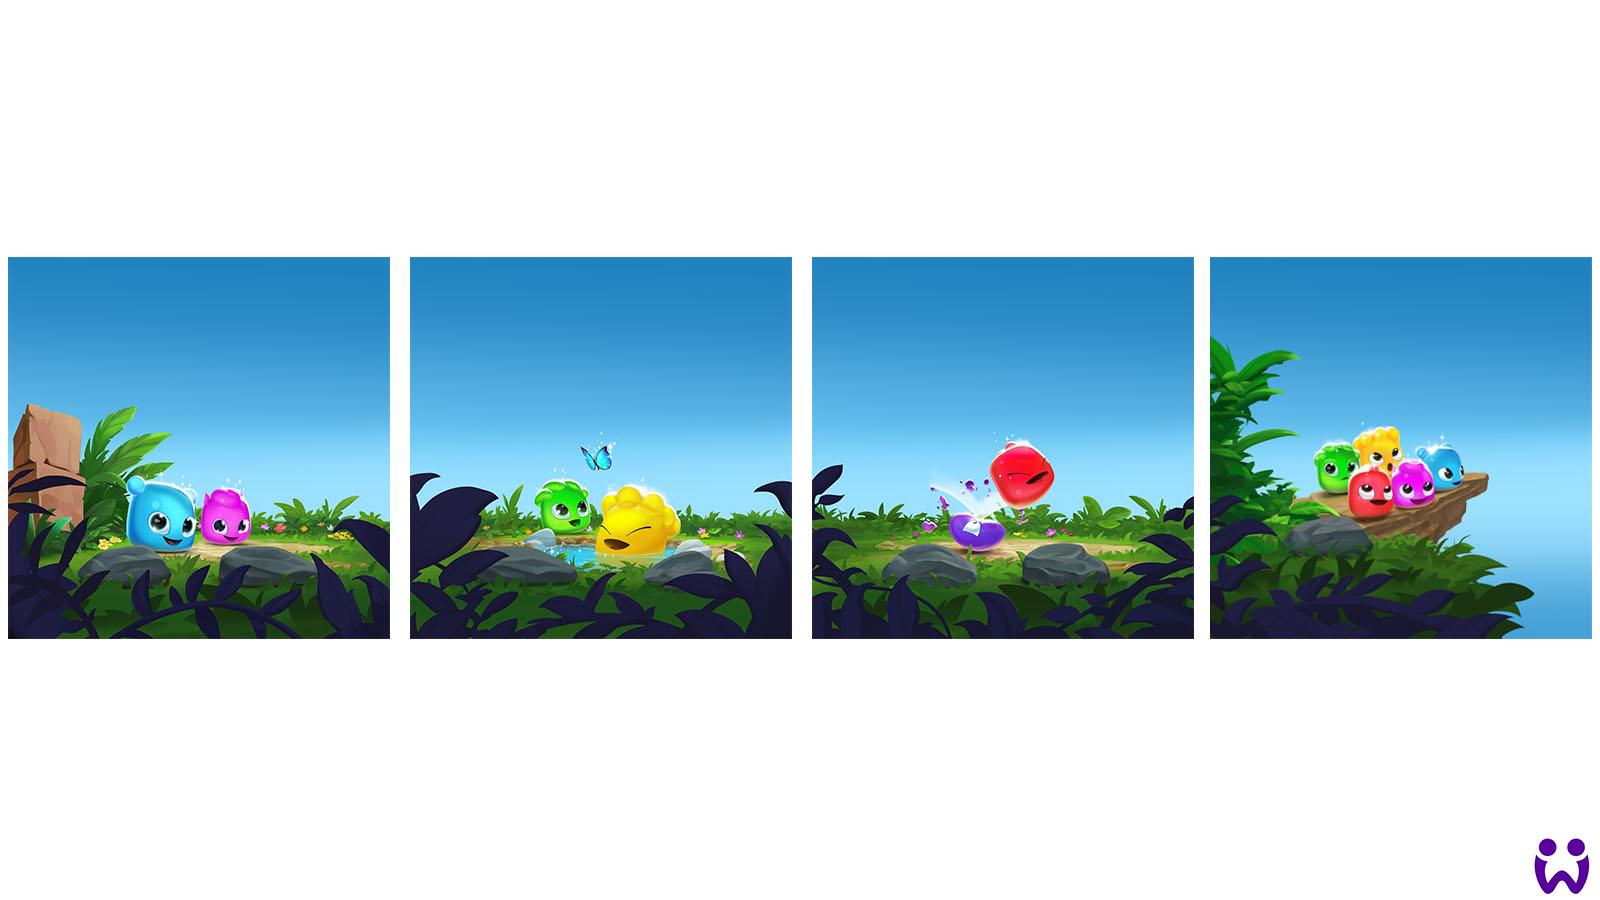 Eine Reihe von Illustrationen, die Jellys in verschiedenen Aktionen zeigt. Zur Nutzung im Appstore, für Wooga's Mobilegame Jelly Splash.